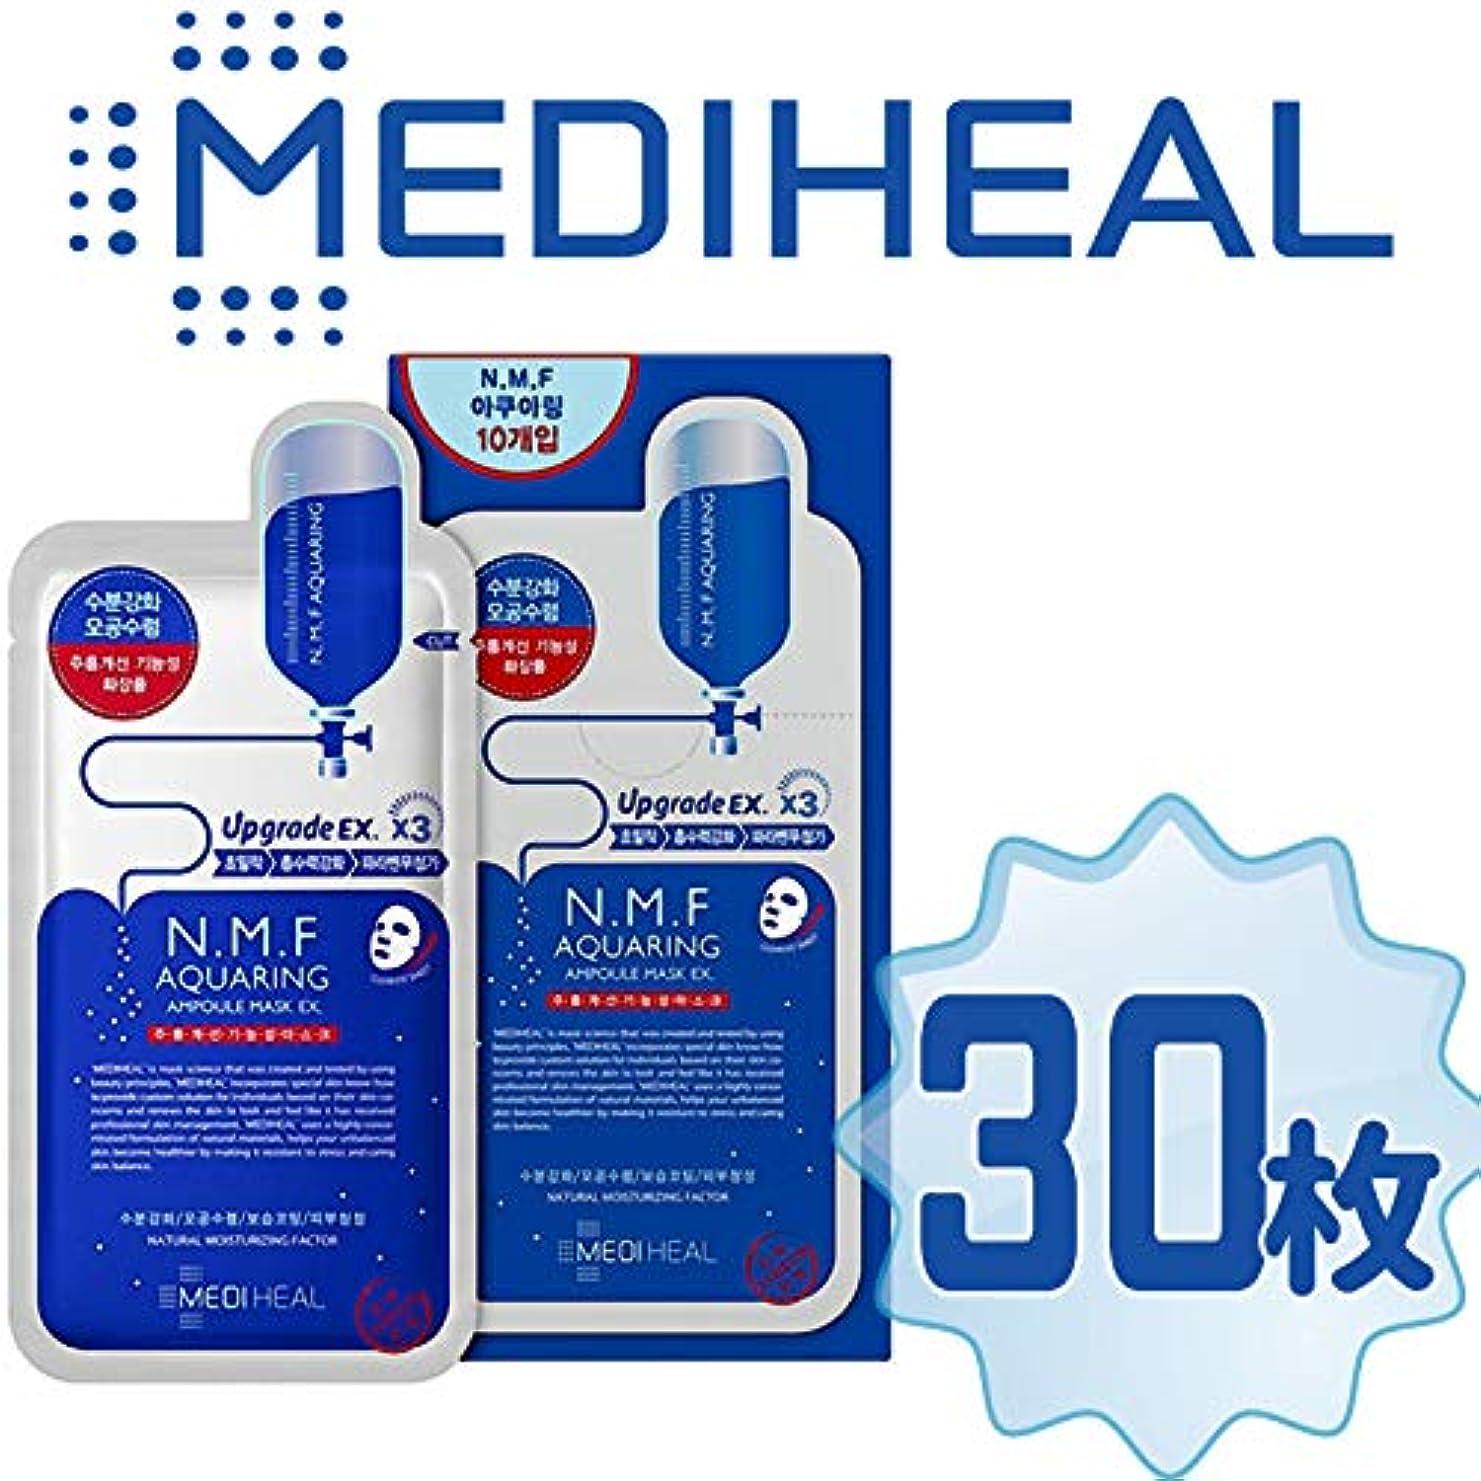 電球説得キャベツ【正規輸入品】Mediheal メディヒール N.M.F アクアリング アンプル?マスクパックEX 10枚入り×3(Aquaring Ampoule Essential Mask PackEX 1box(10sheet)×3